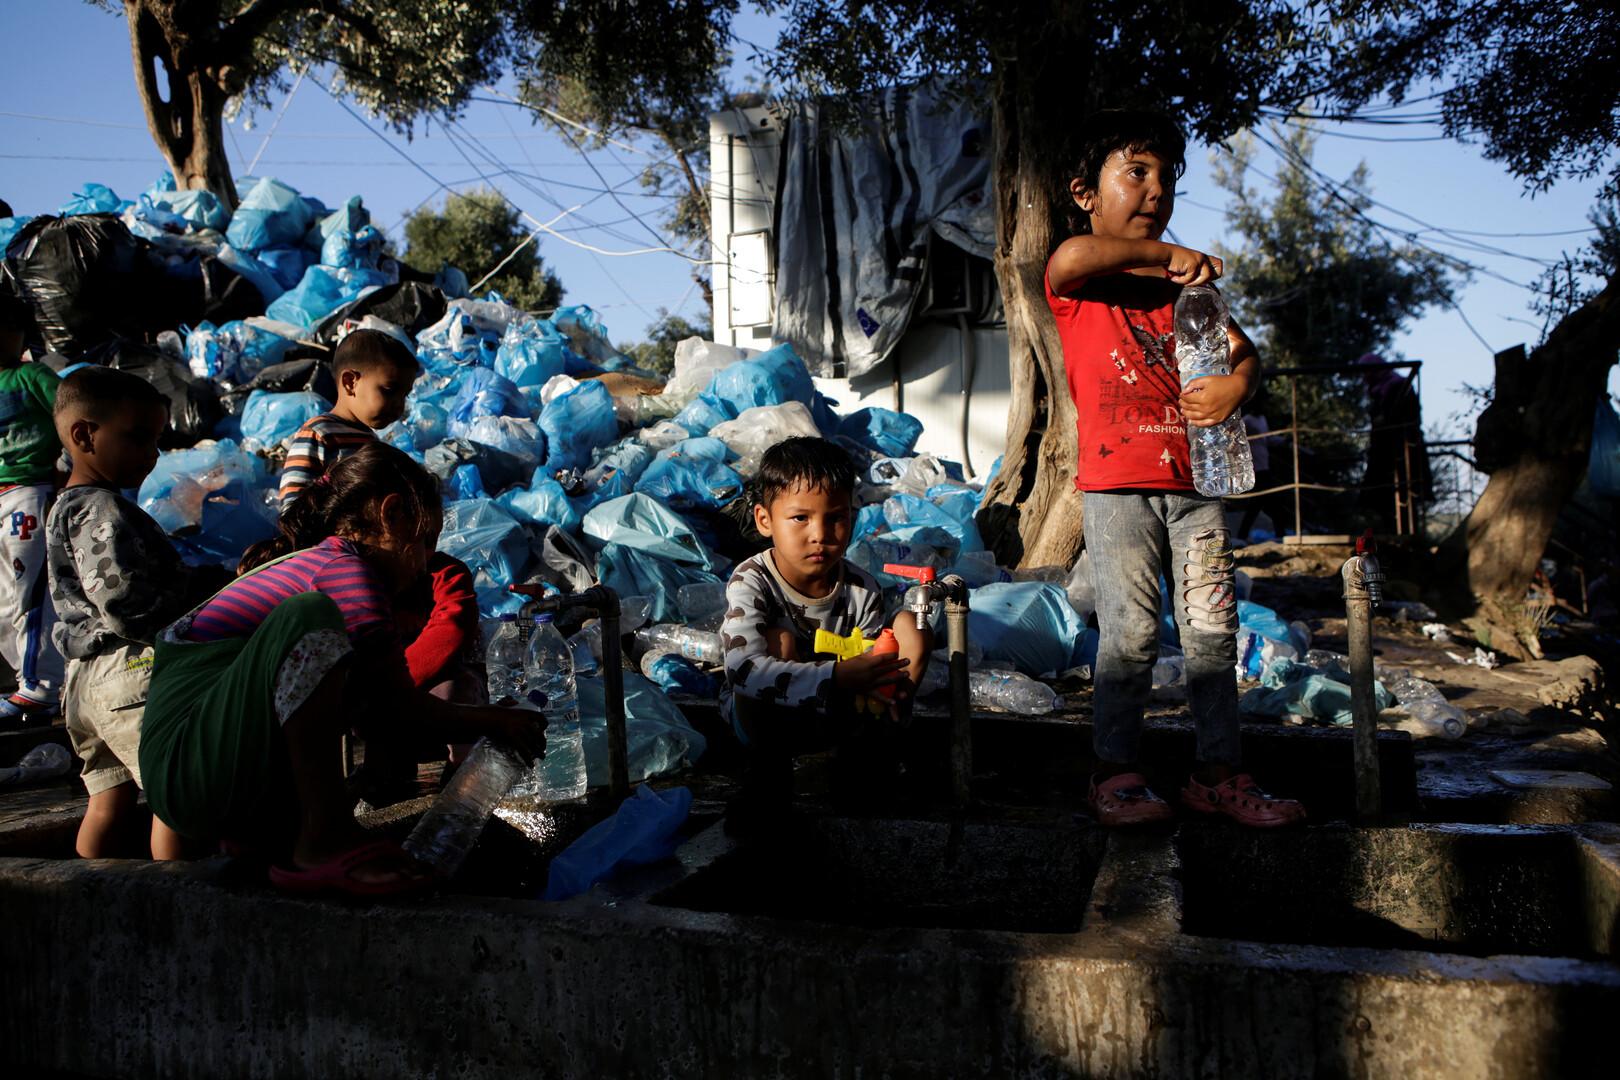 اتفاق تركي-يوناني على فتح قناة اتصال مباشرة بشأن المهاجرين